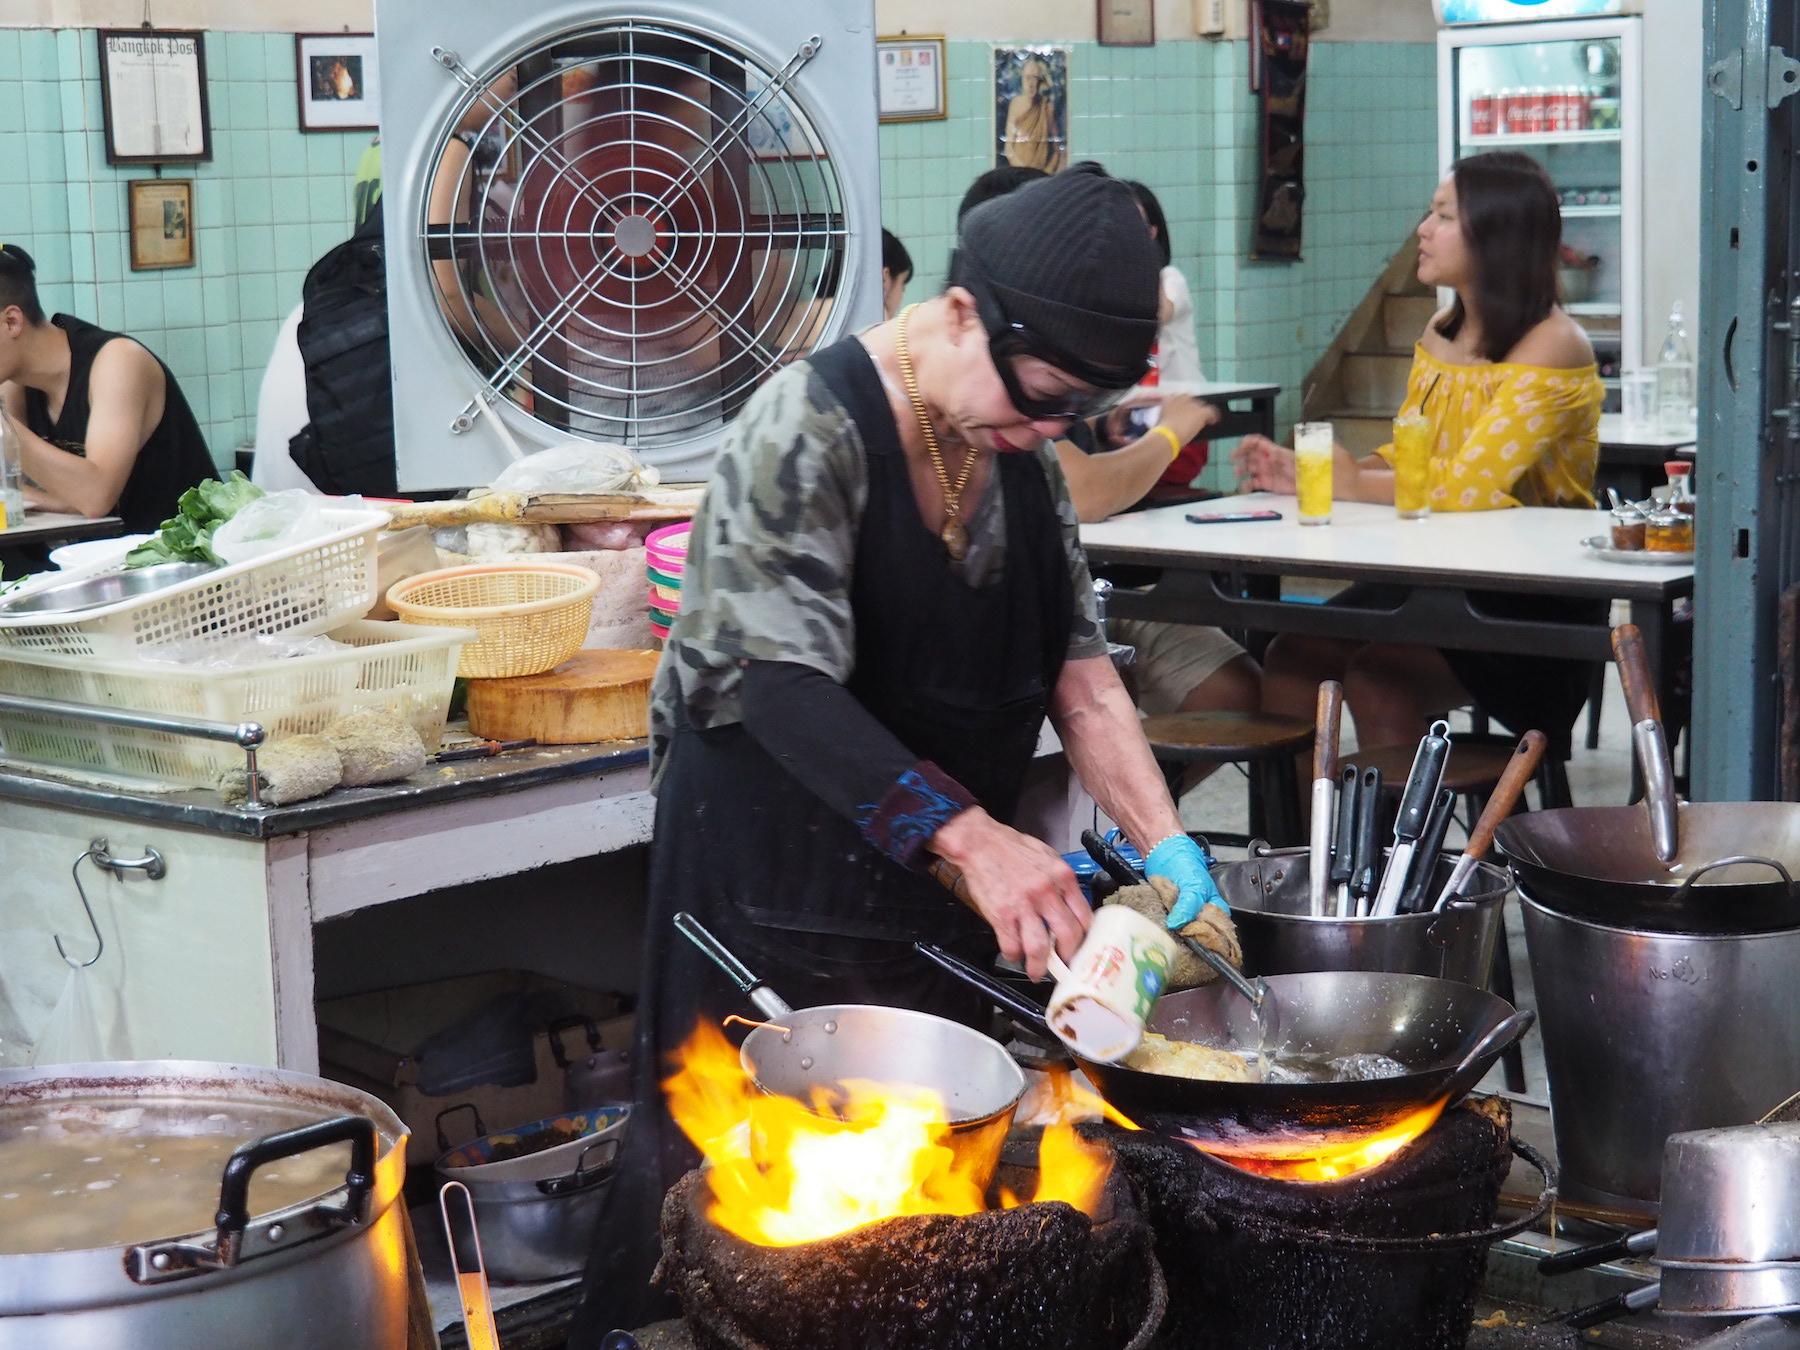 名物はジェイファイおばさんが作るカニオムレツ!タイのミシュラン星付きローカル食堂「ジェイ・ファイ」